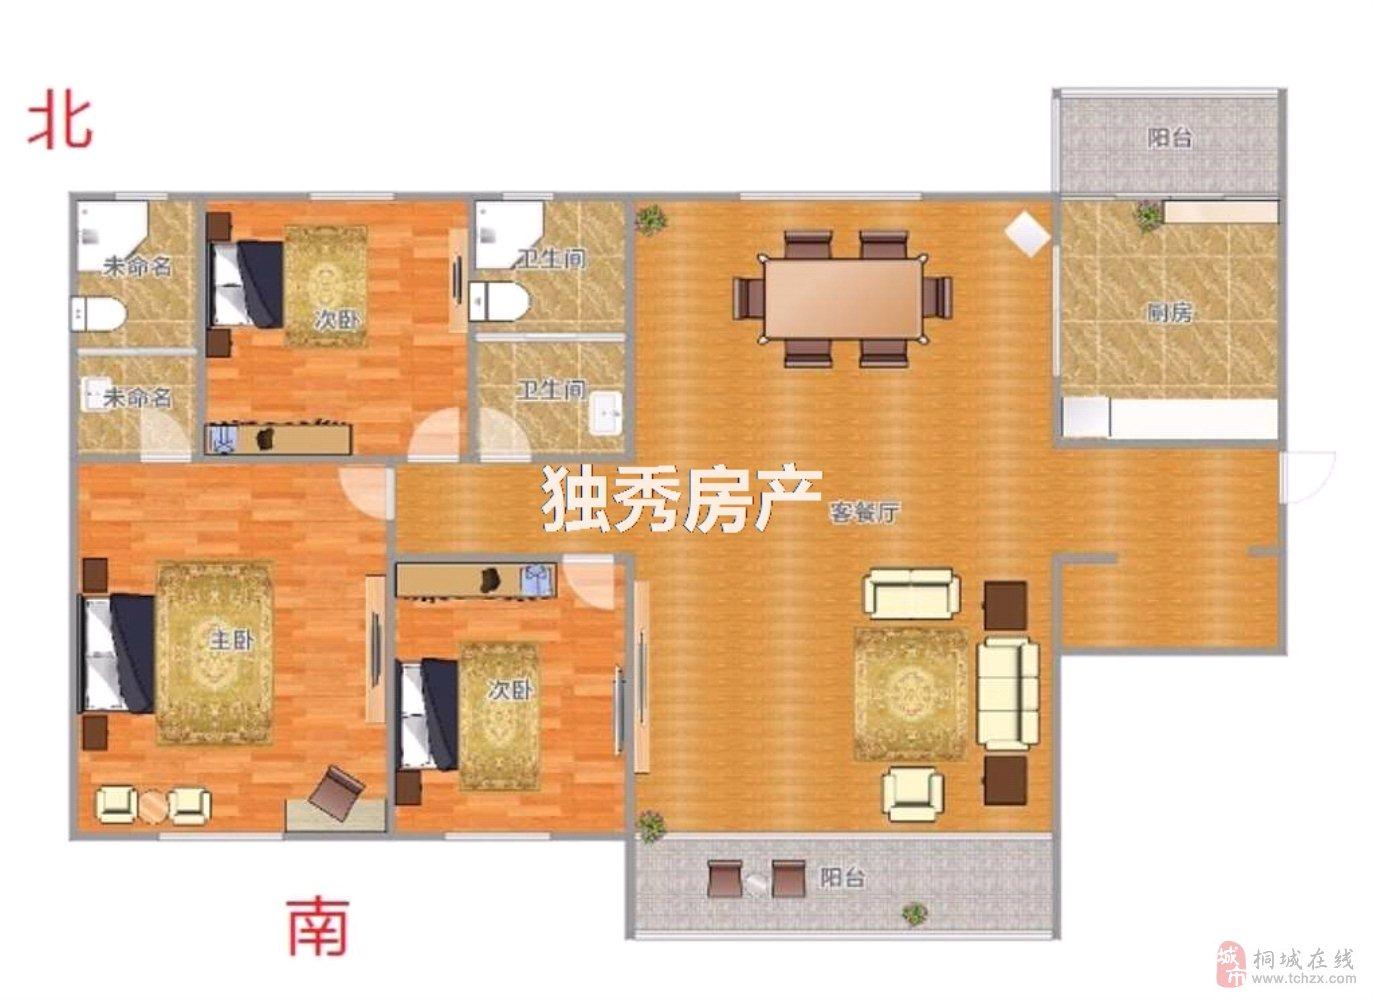 碧桂园精装3室2厅2卫中高楼层南北通透采光好